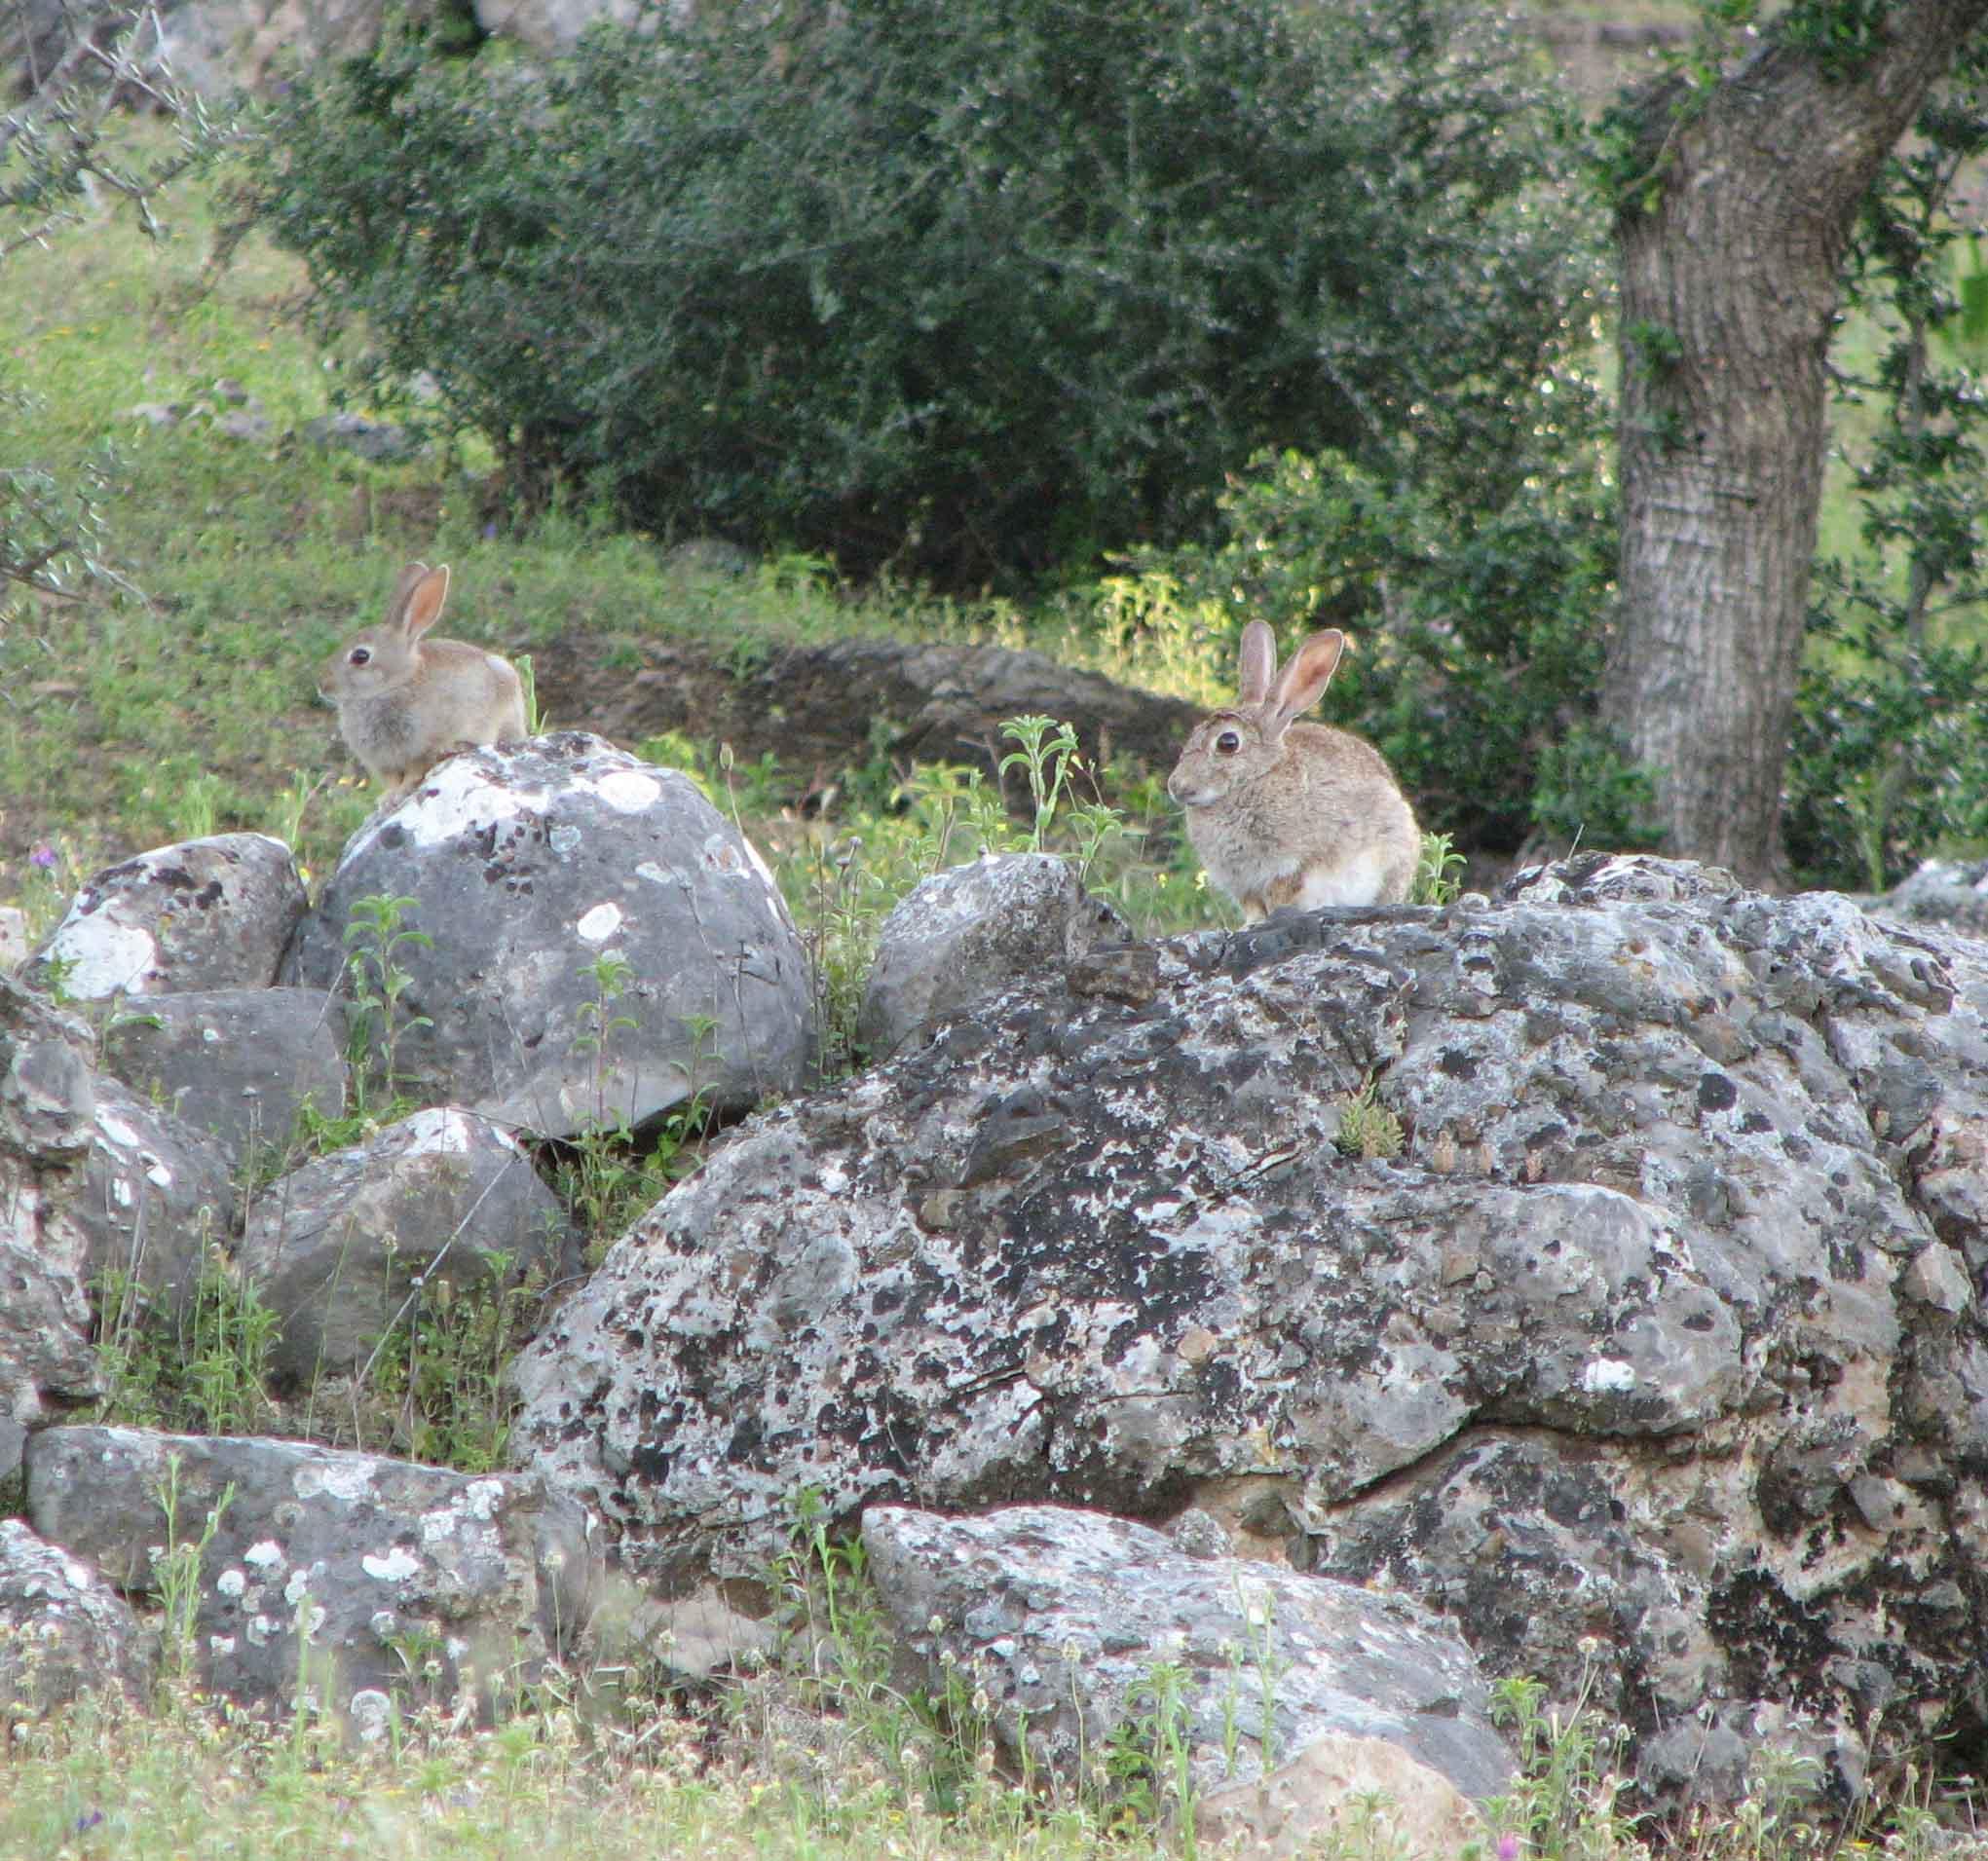 El conejo, protagonista de las actuaciones de mejora de habitat del lince ibérico. Imagen: Proyecto LIFE Iberlince